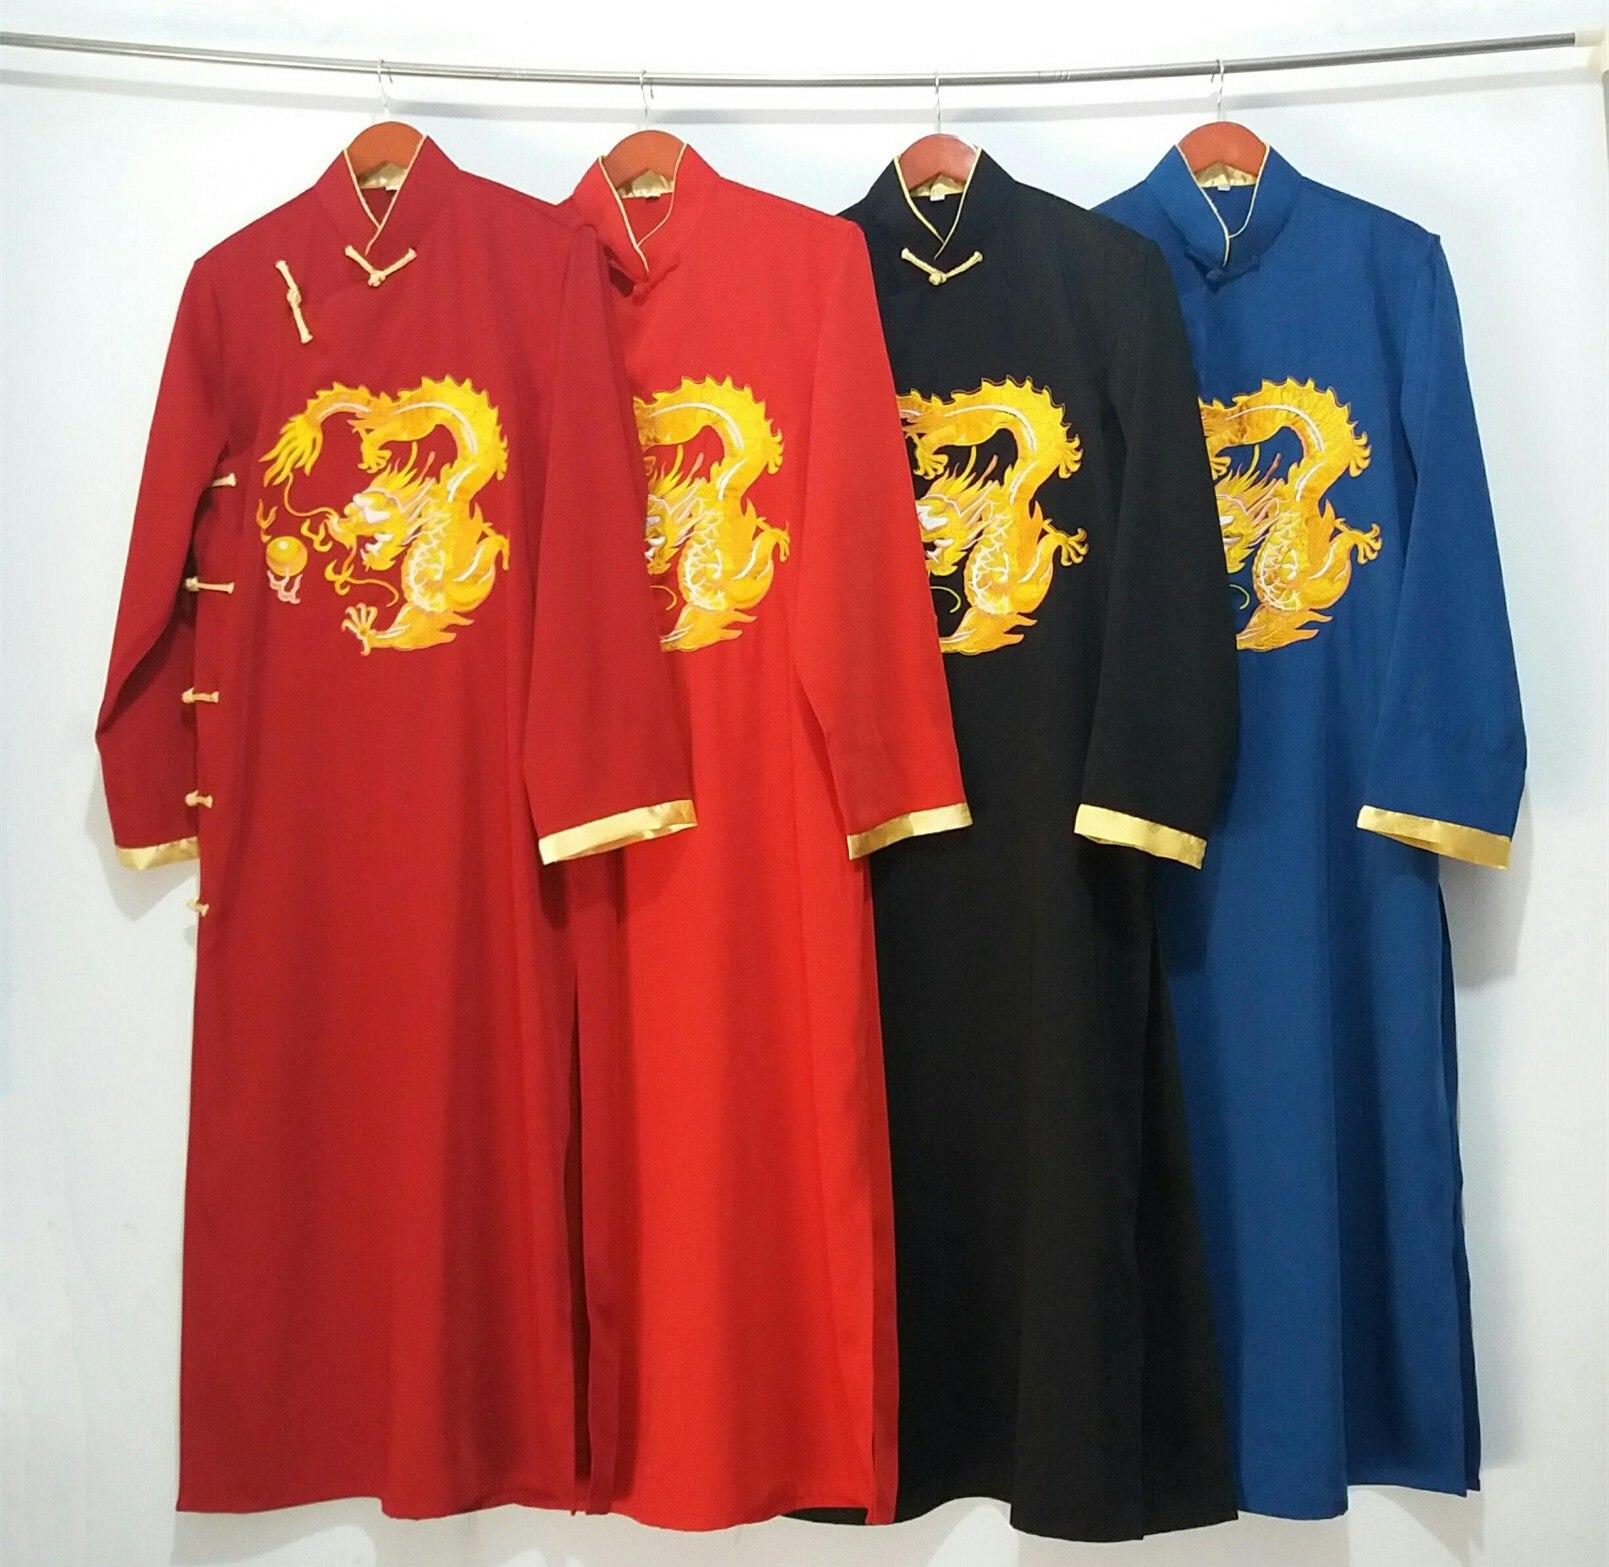 2020 Chinese Men's Embroidery Robe Kimono Gown Nightgown Satin Sleepwear Bathrobe Hombre Pijama